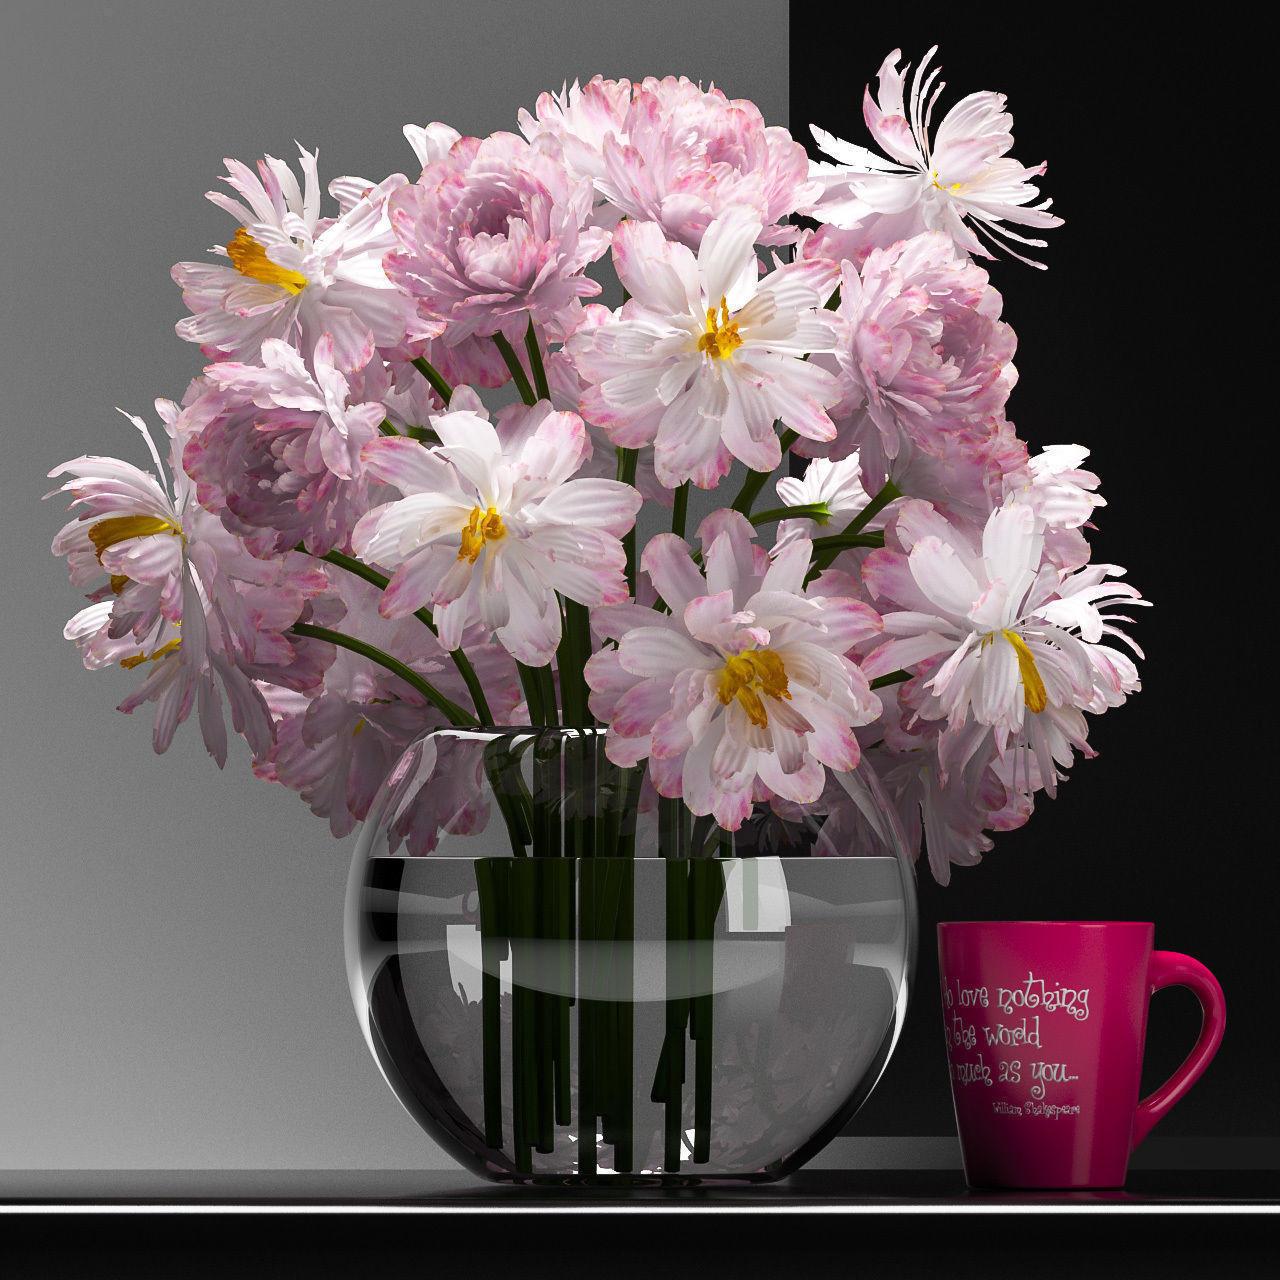 Antique Face Vases Of Antique Flower Vase Images 10 White Marble Flower Vase Pot In Antique Flower Vase Collection Wrh 20preview 2001h Vases 3d Flower Vase Preview 01 Jpg I 0d